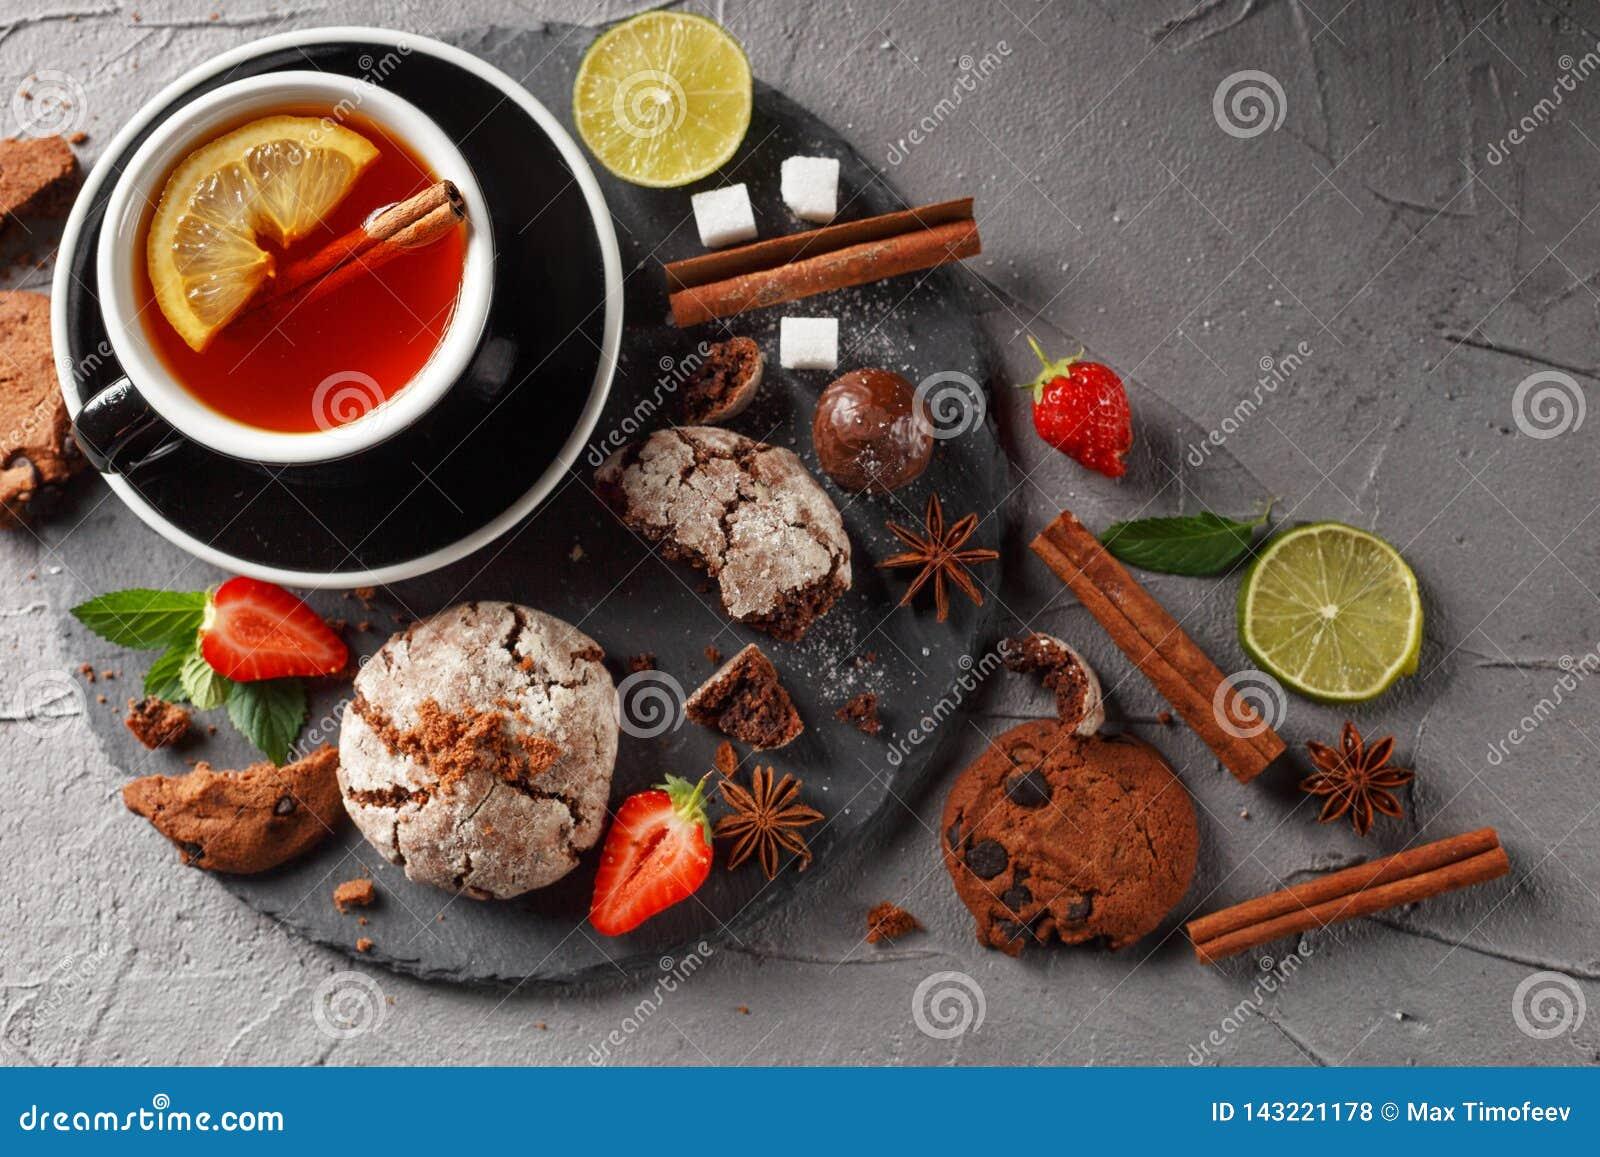 Doftande te i en svart kopp på en svart platta med kex, citronen, kanel och frukter